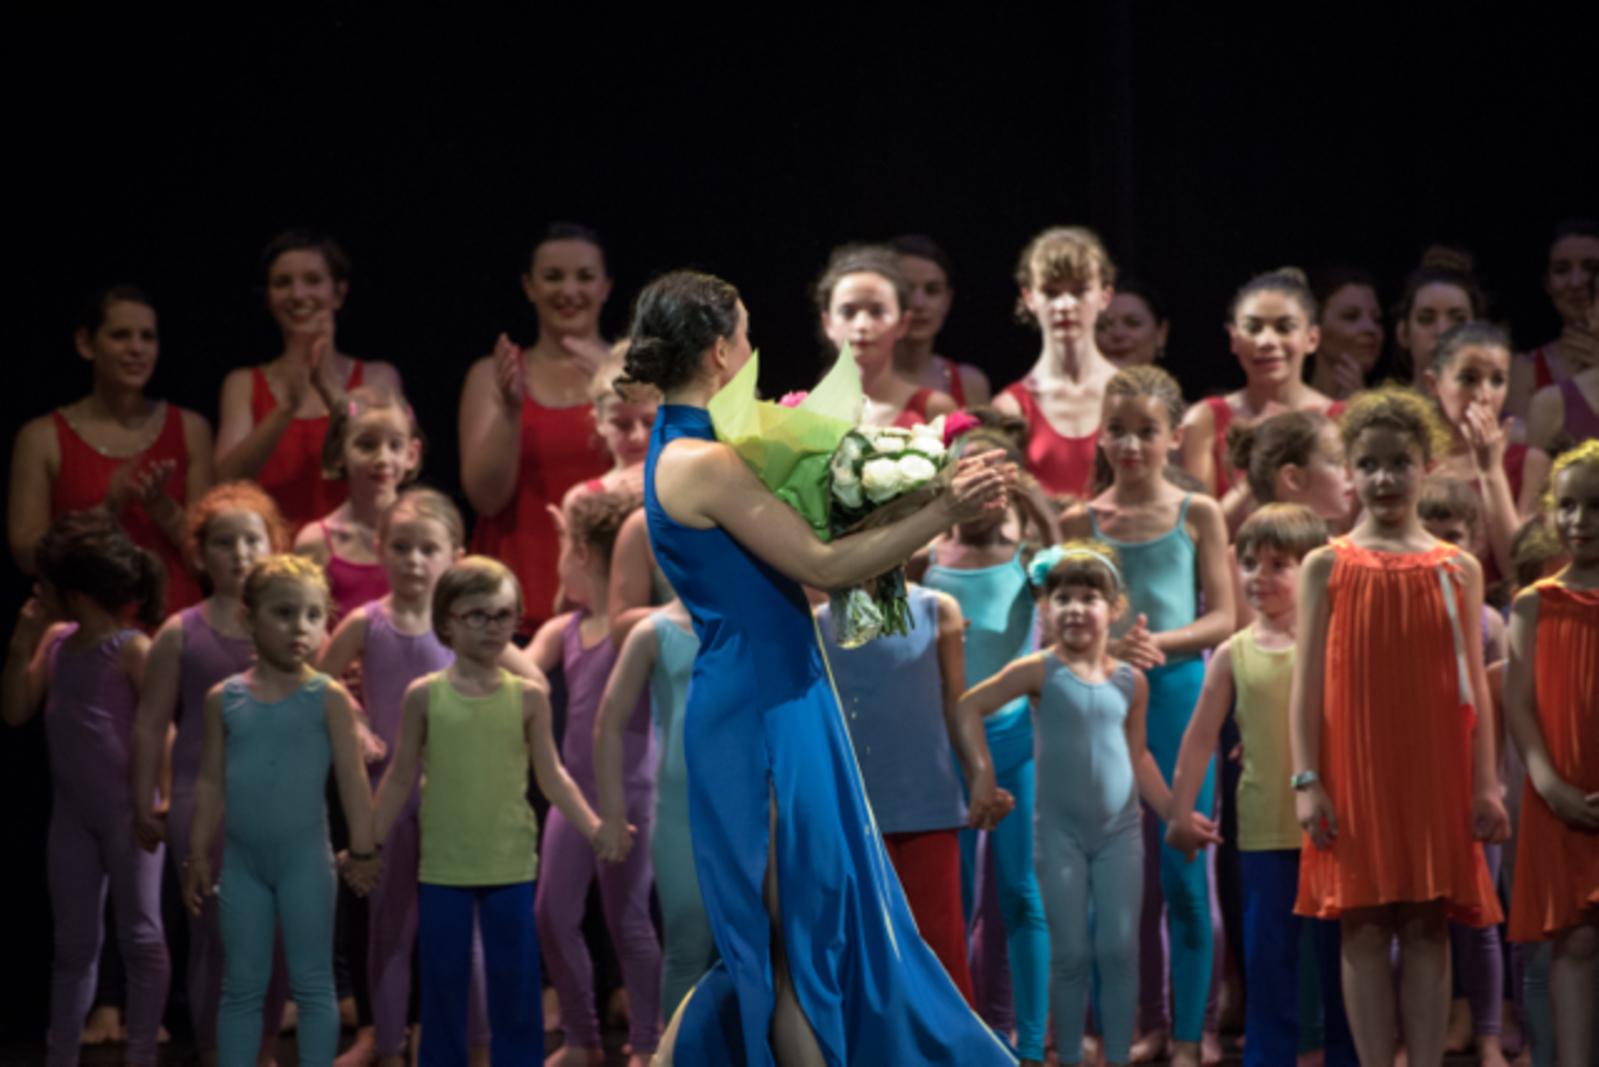 Danse contemporaine enfants - Julie Portanguen et l'association L'éveil et l'envol